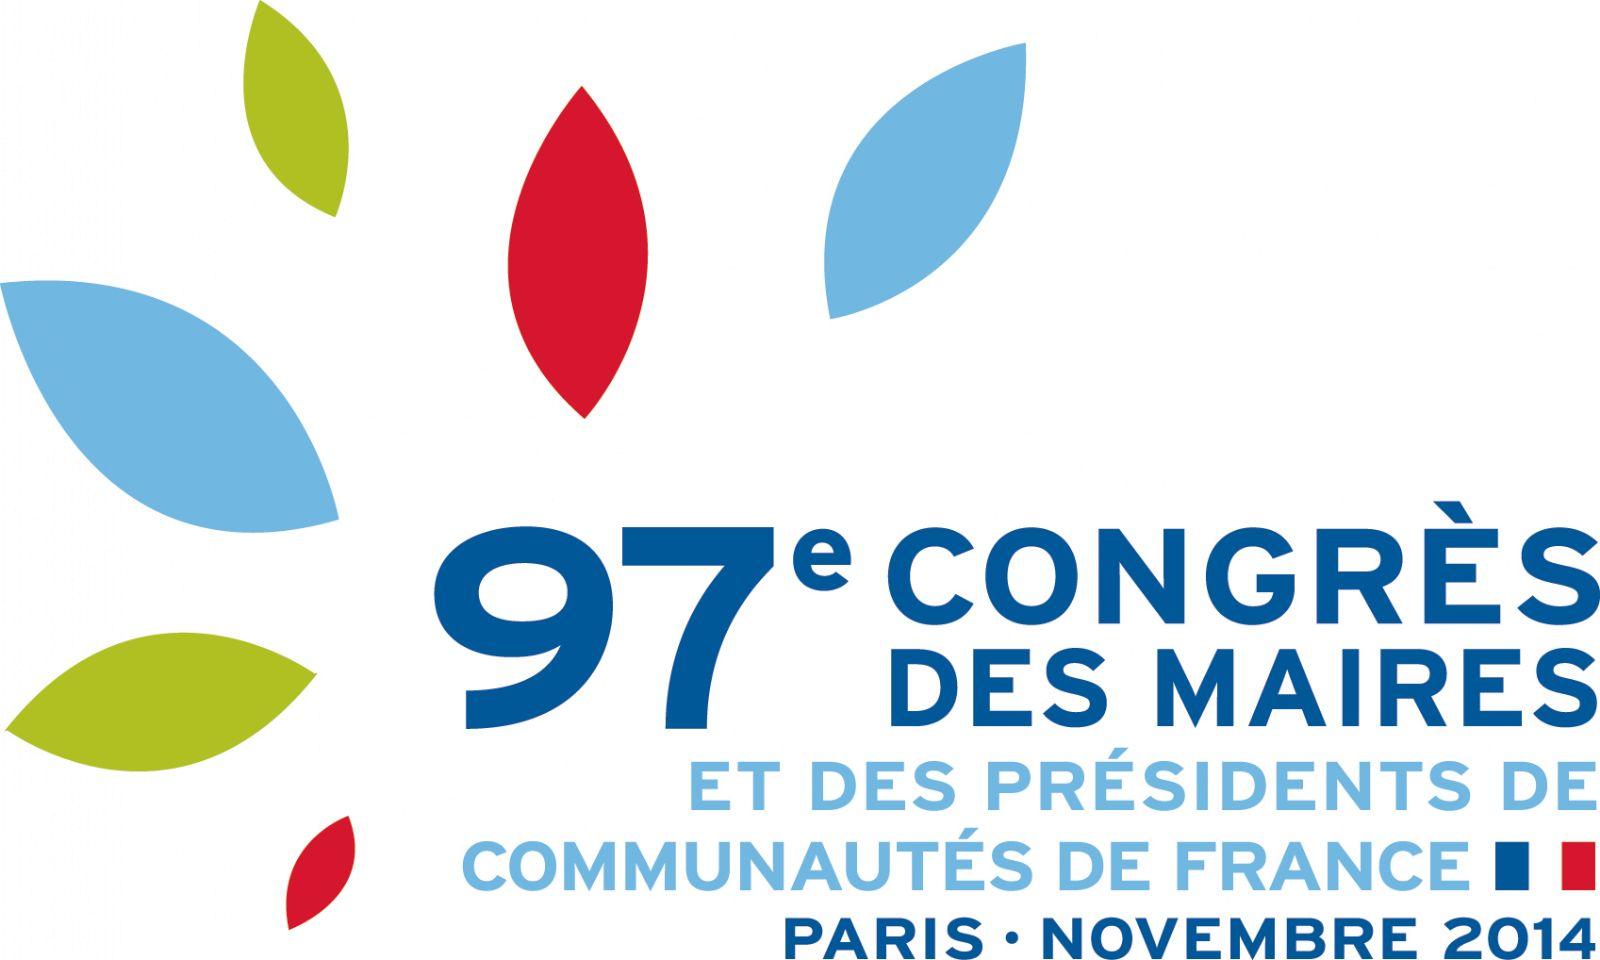 97e_Congres_compact